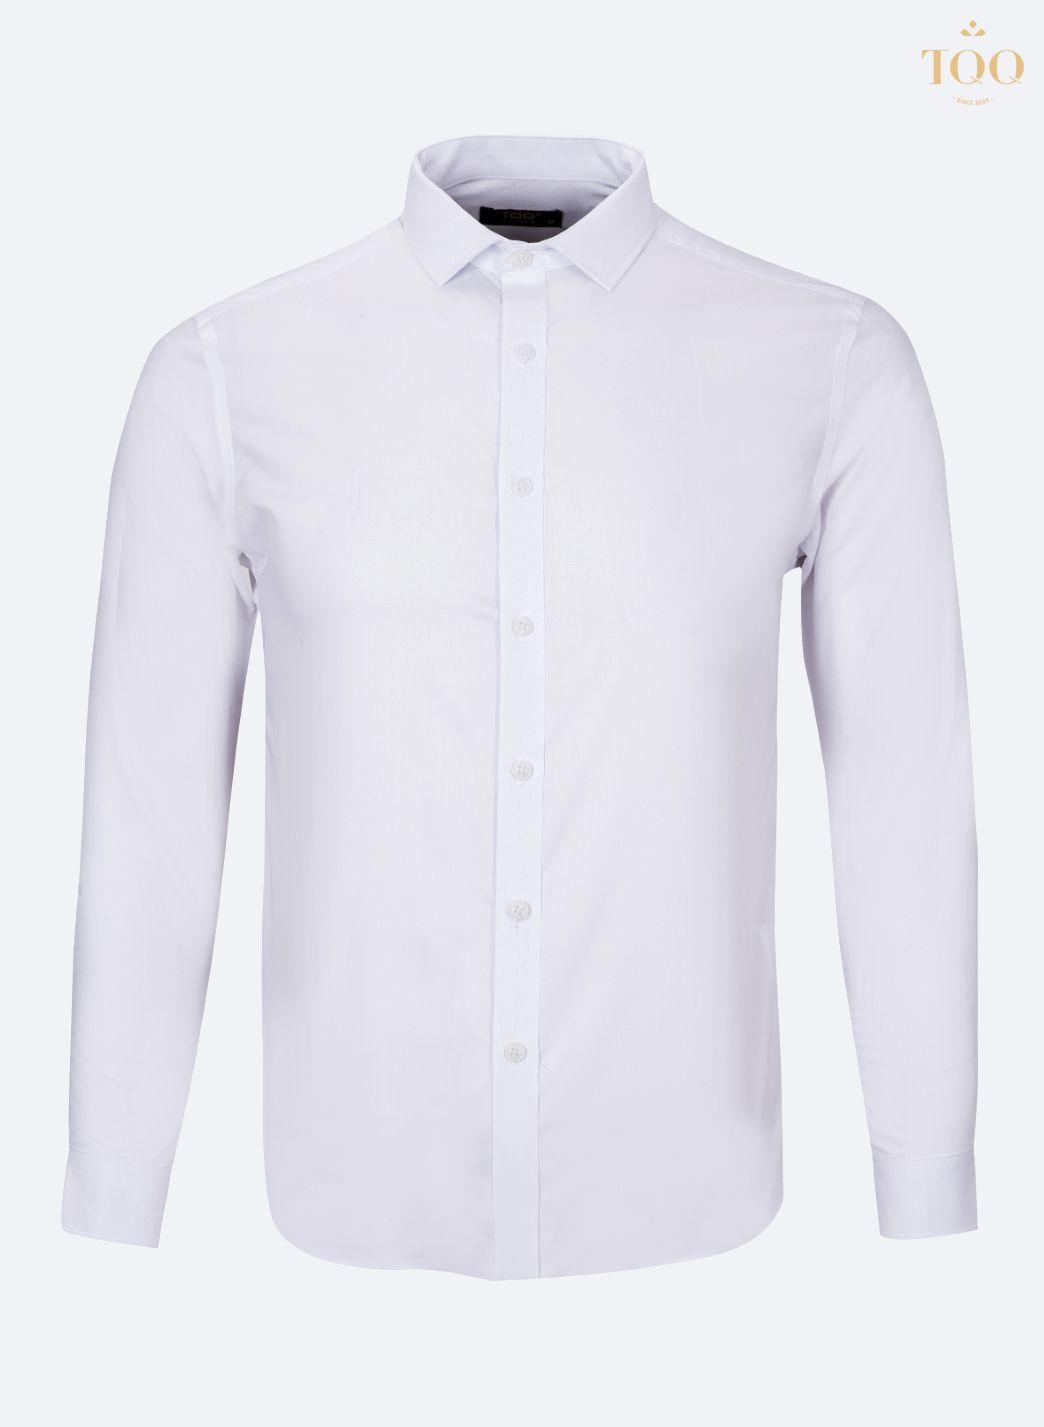 Mẫu áo sơ mi nam M01 trắng có chất lượng tốt, giá thành phải chăng